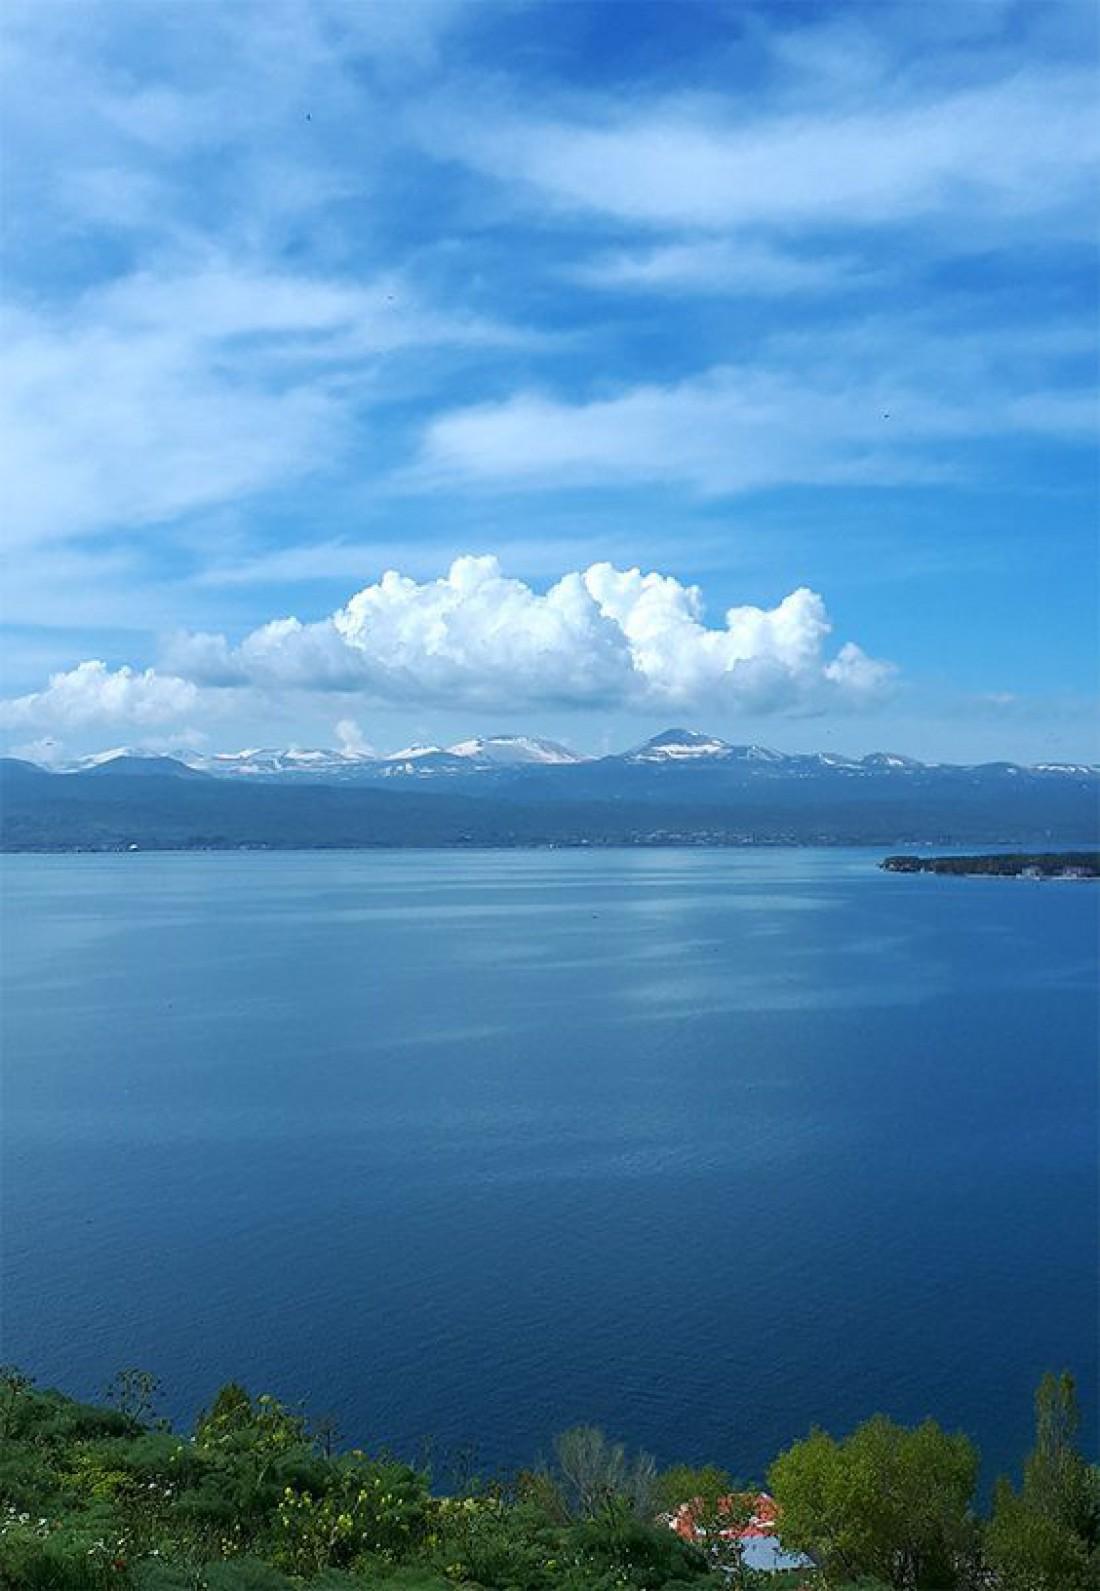 Озеро Севан - самое большое озеро Кавказа